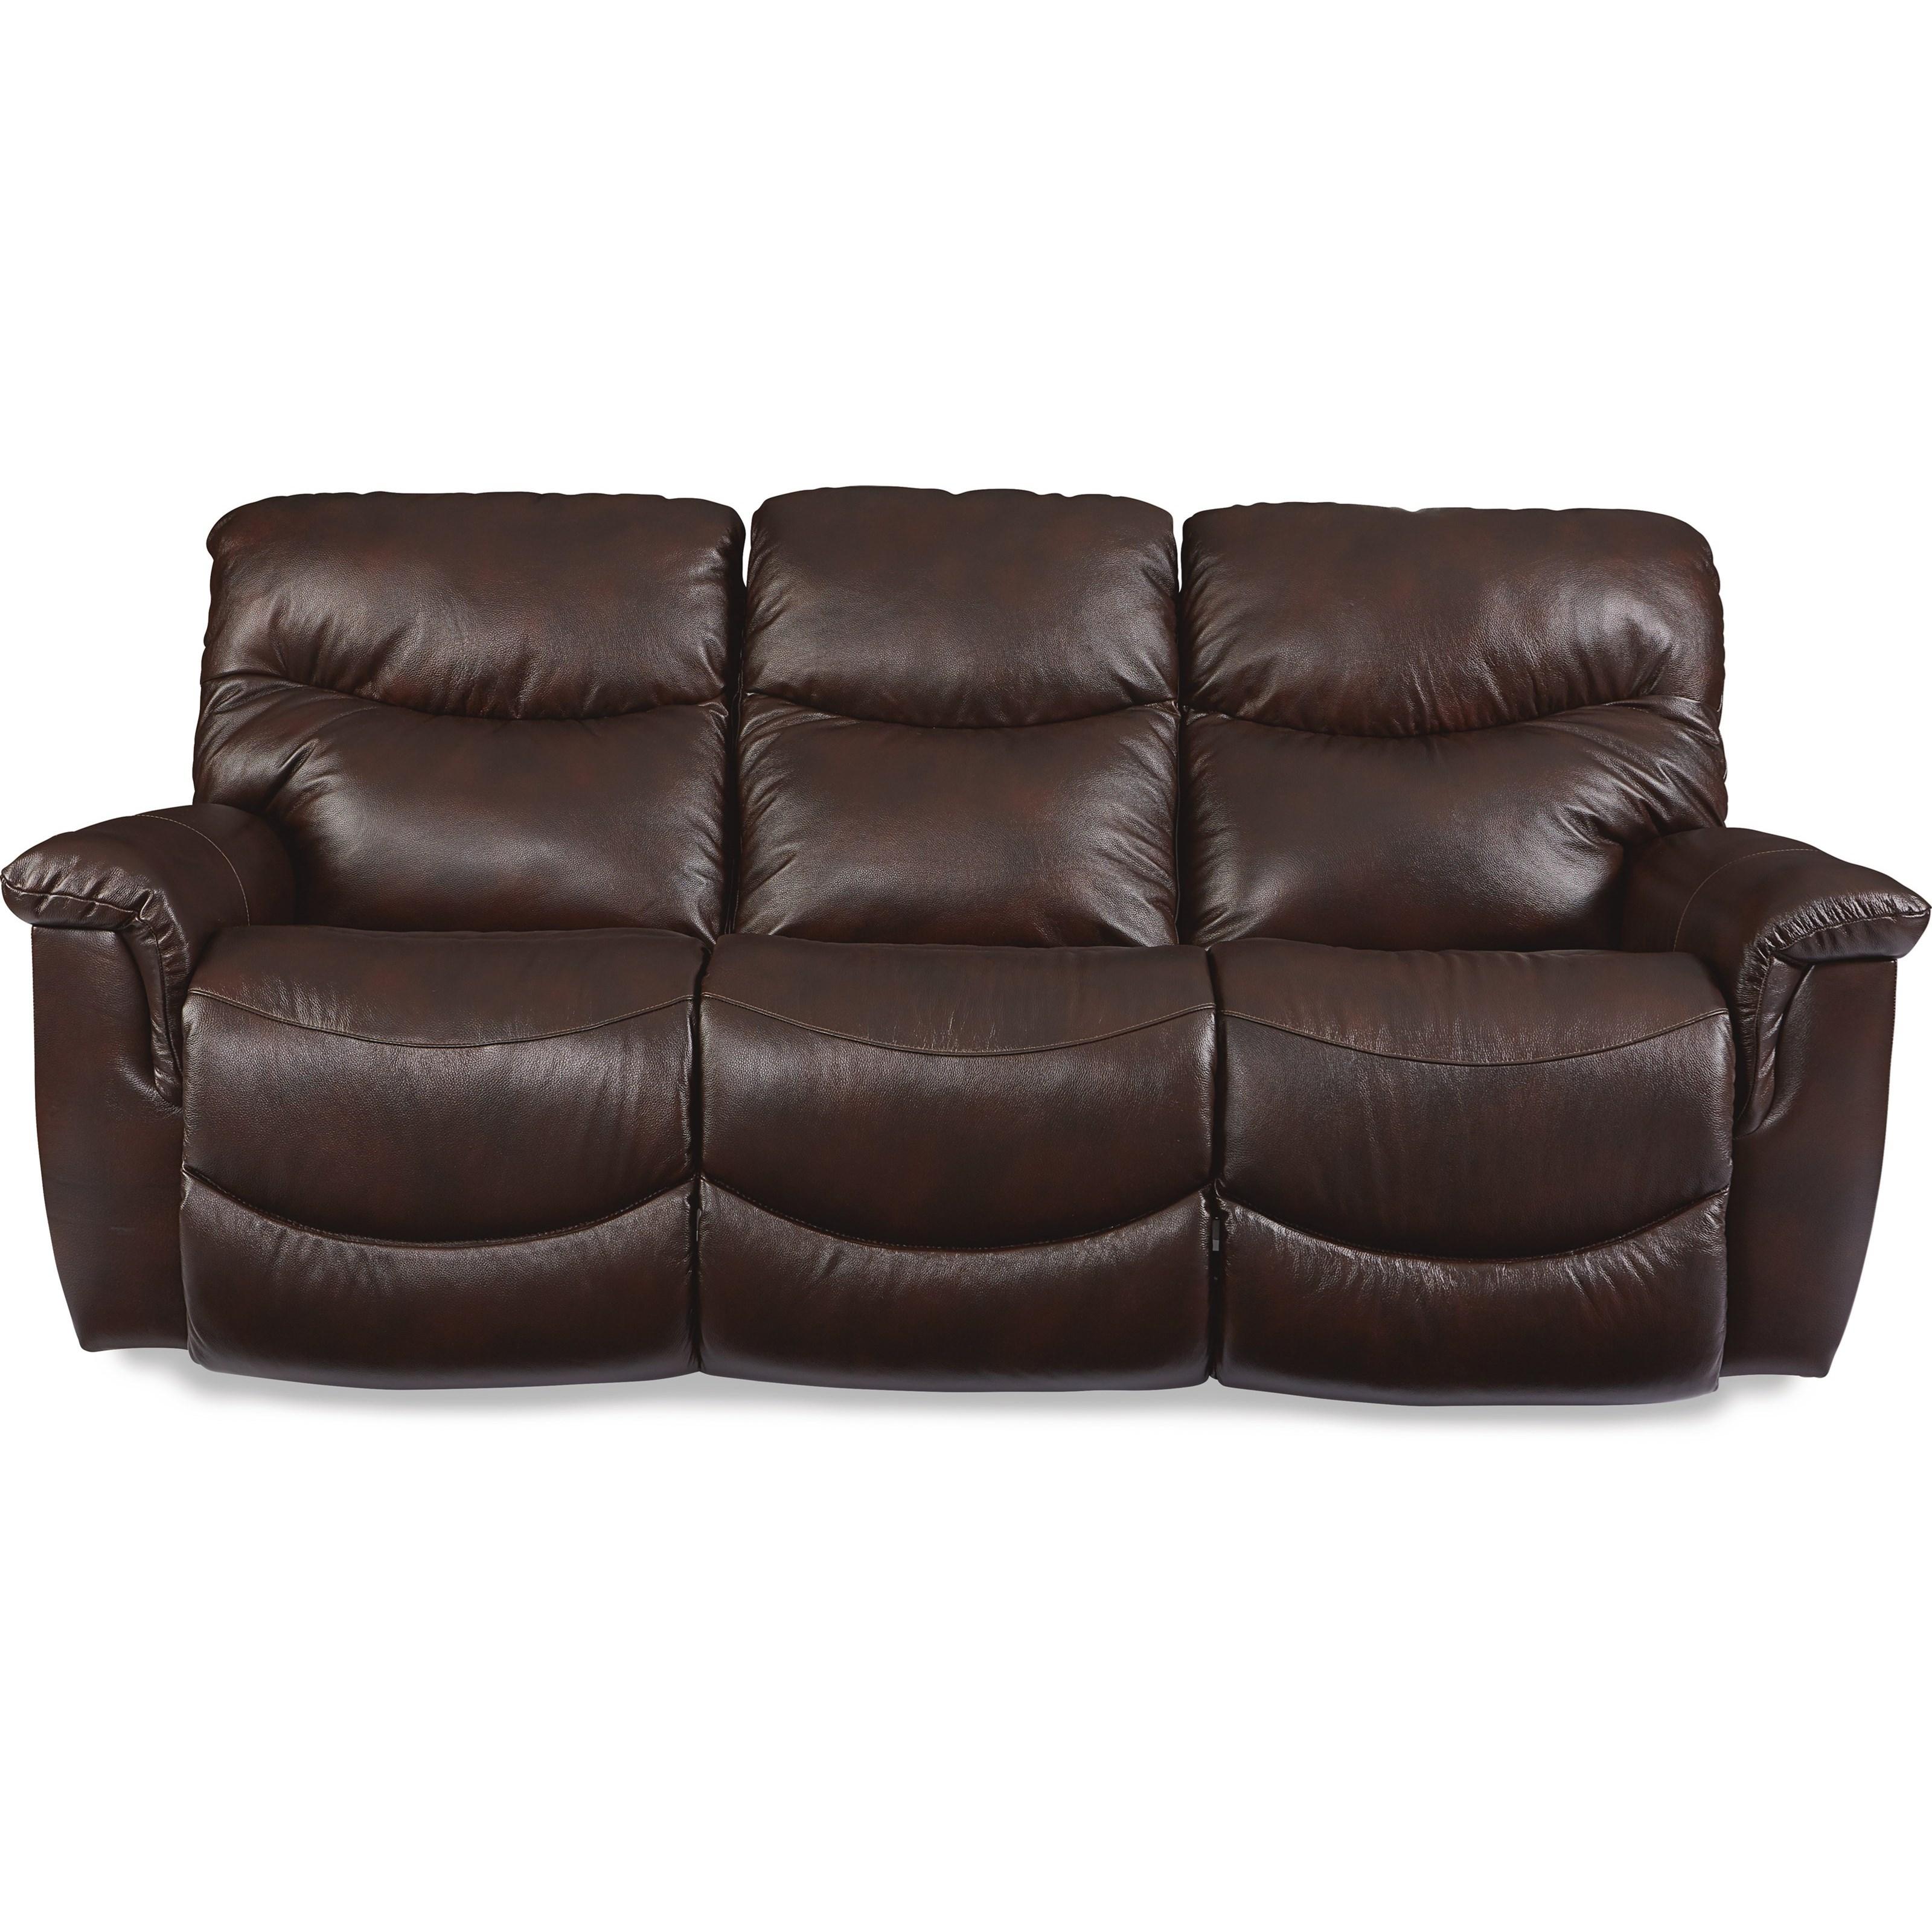 James La-Z-Time® Full Reclining Sofa by La-Z-Boy at Johnny Janosik